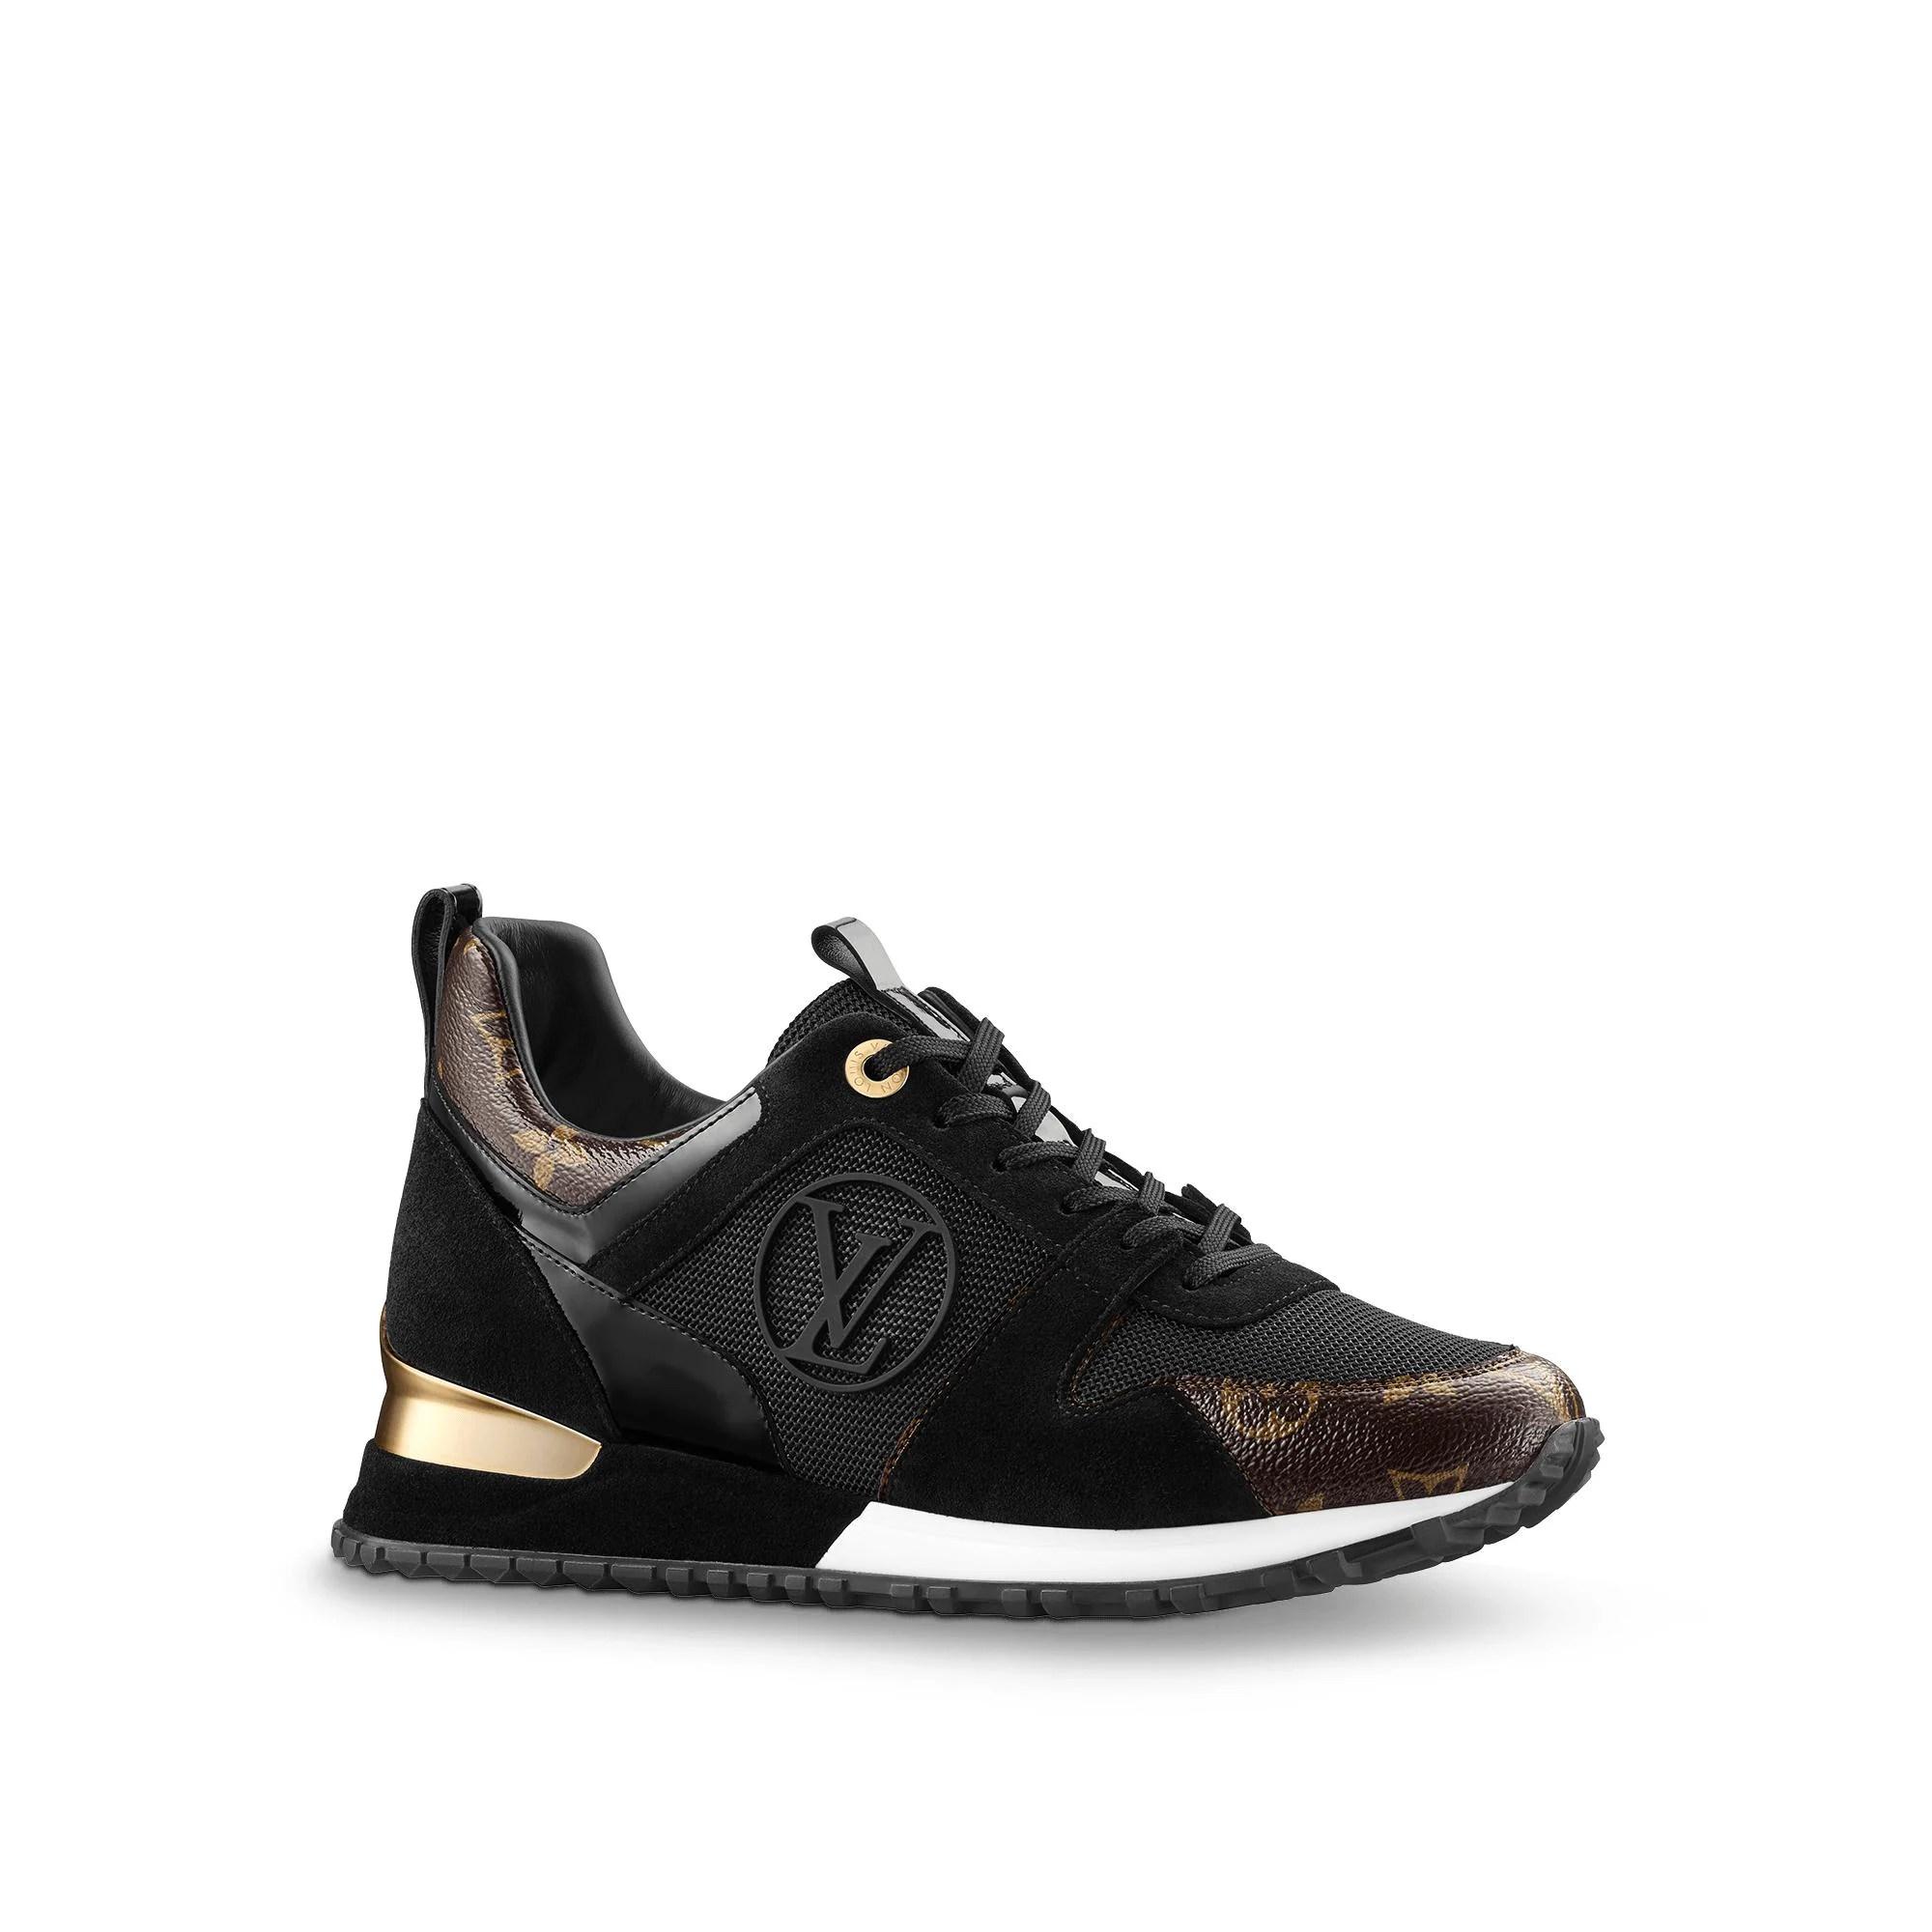 Run Away Sneaker Shoes Louis Vuitton